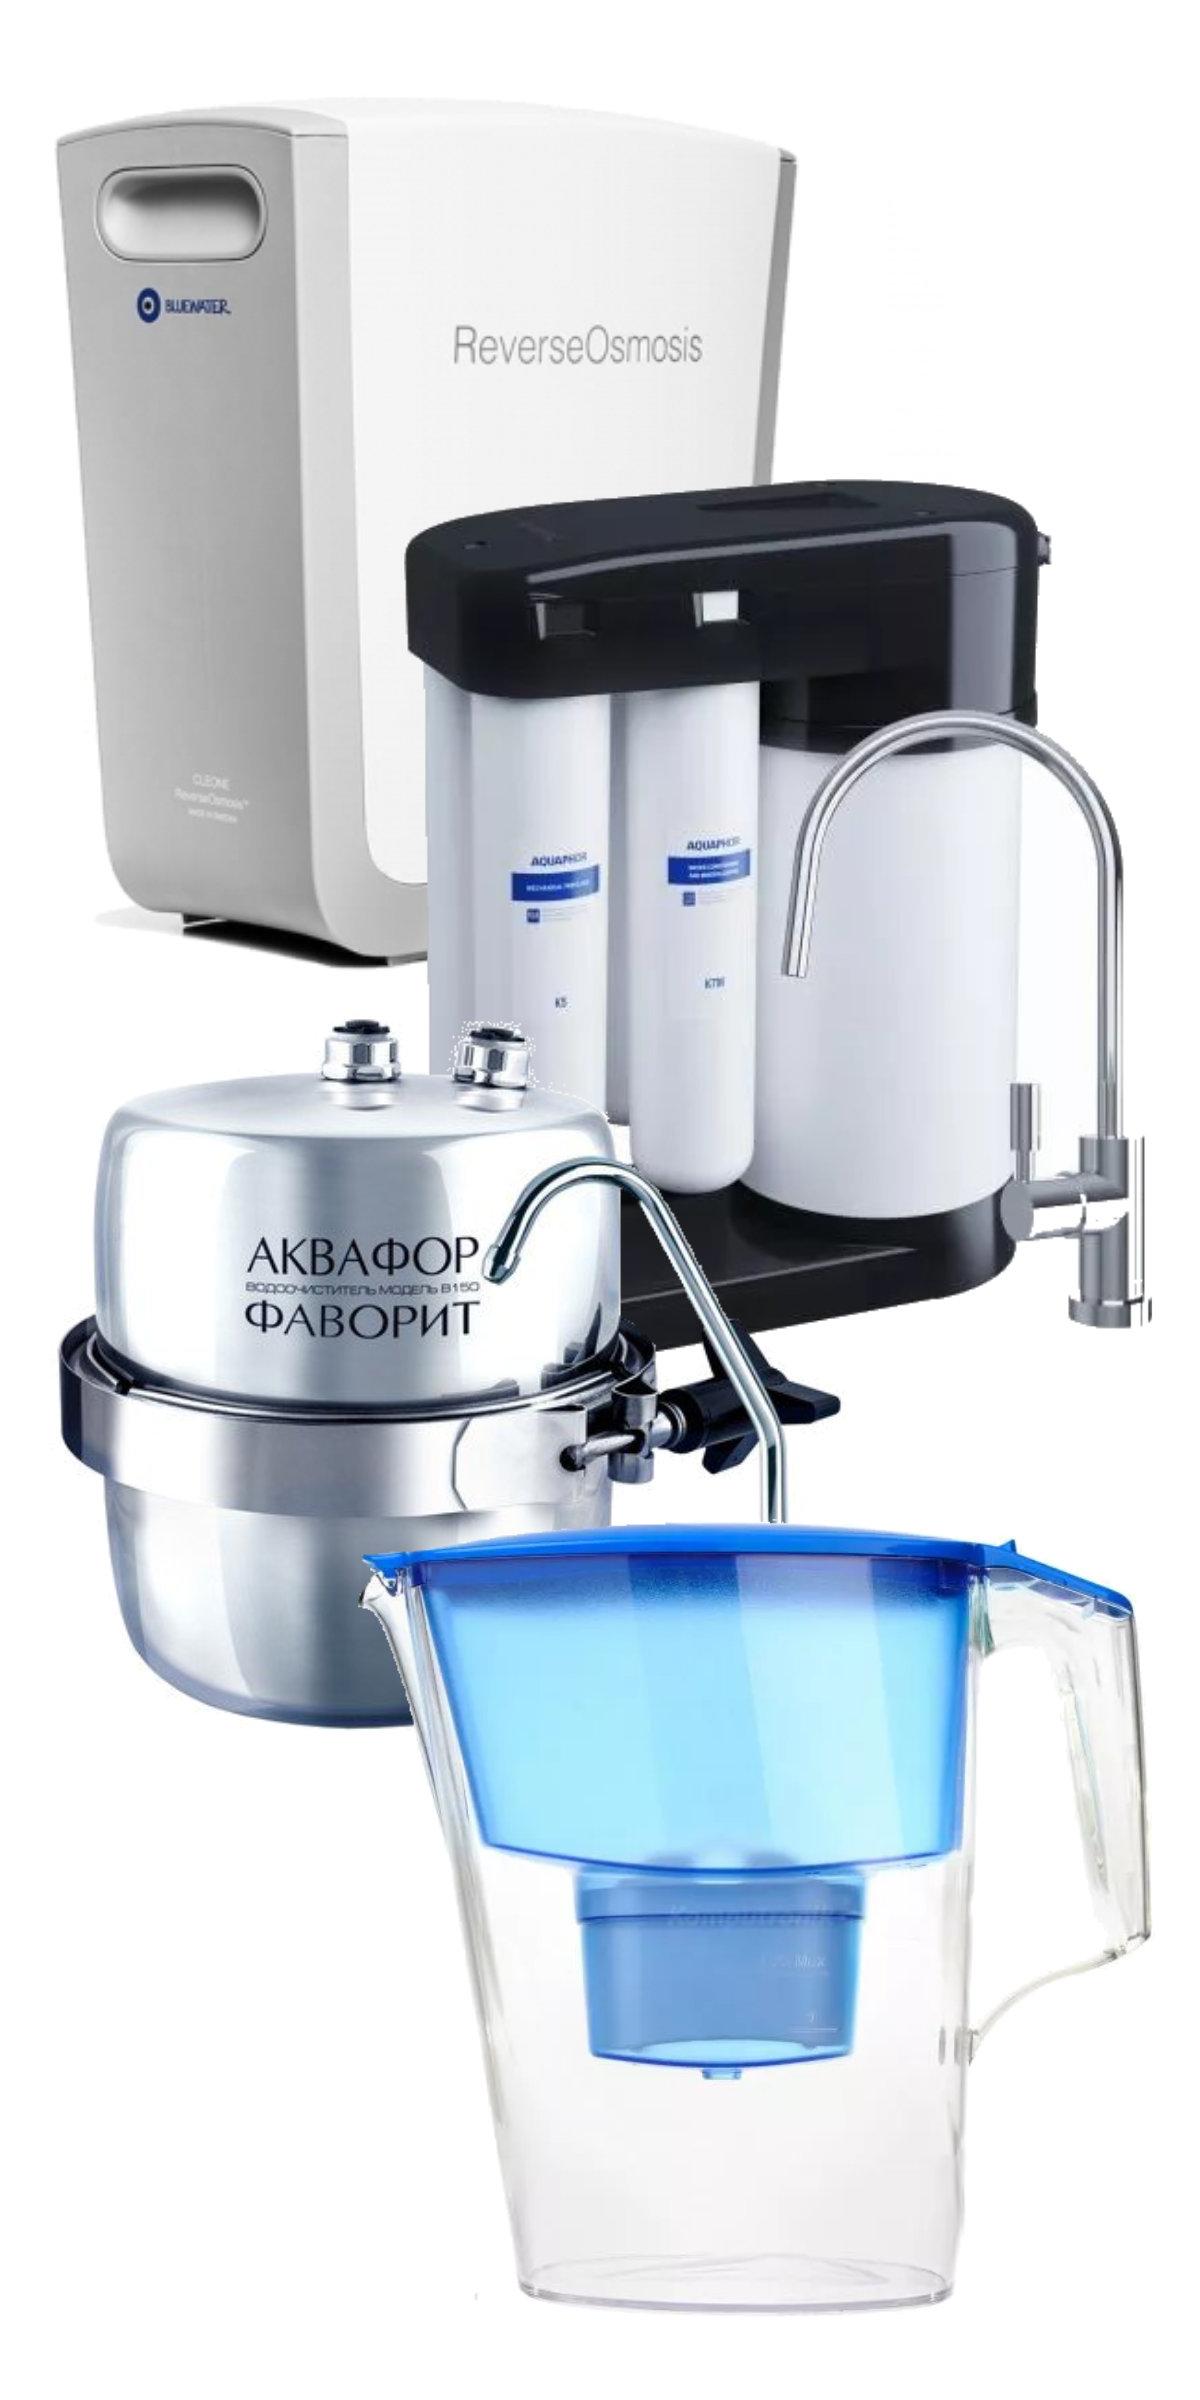 Jaki filtr do wody wybrać? Rodzaje filtrów wody